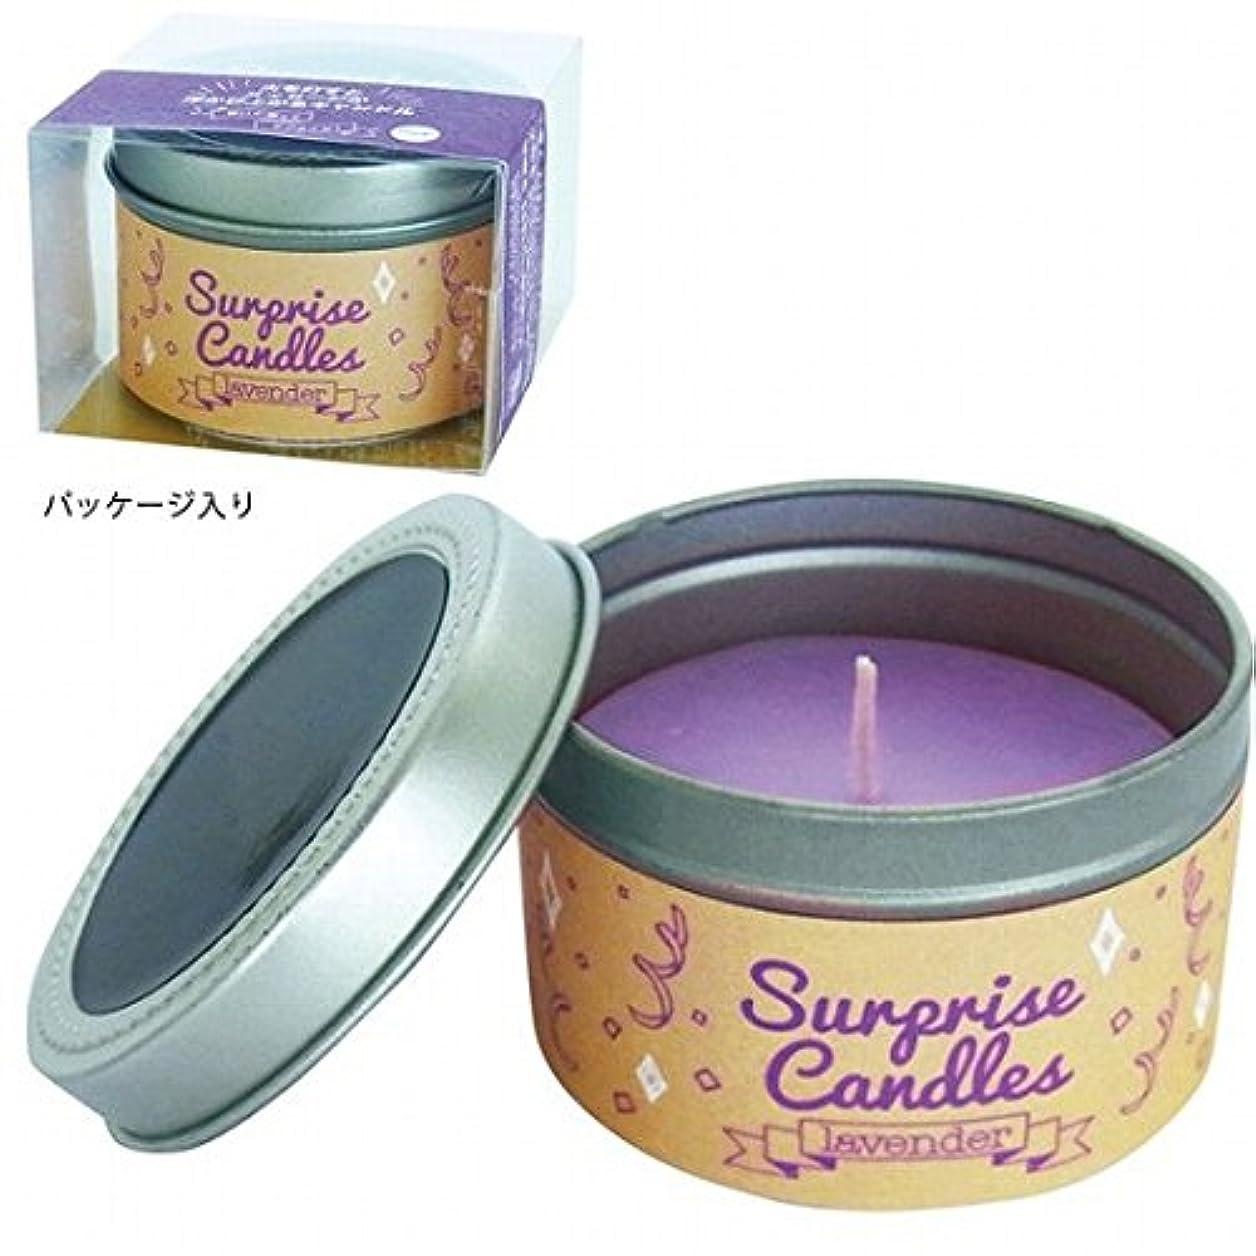 アレキサンダーグラハムベルアームストロング敬の念カメヤマキャンドル(kameyama candle) サプライズキャンドル 「ラベンダー」